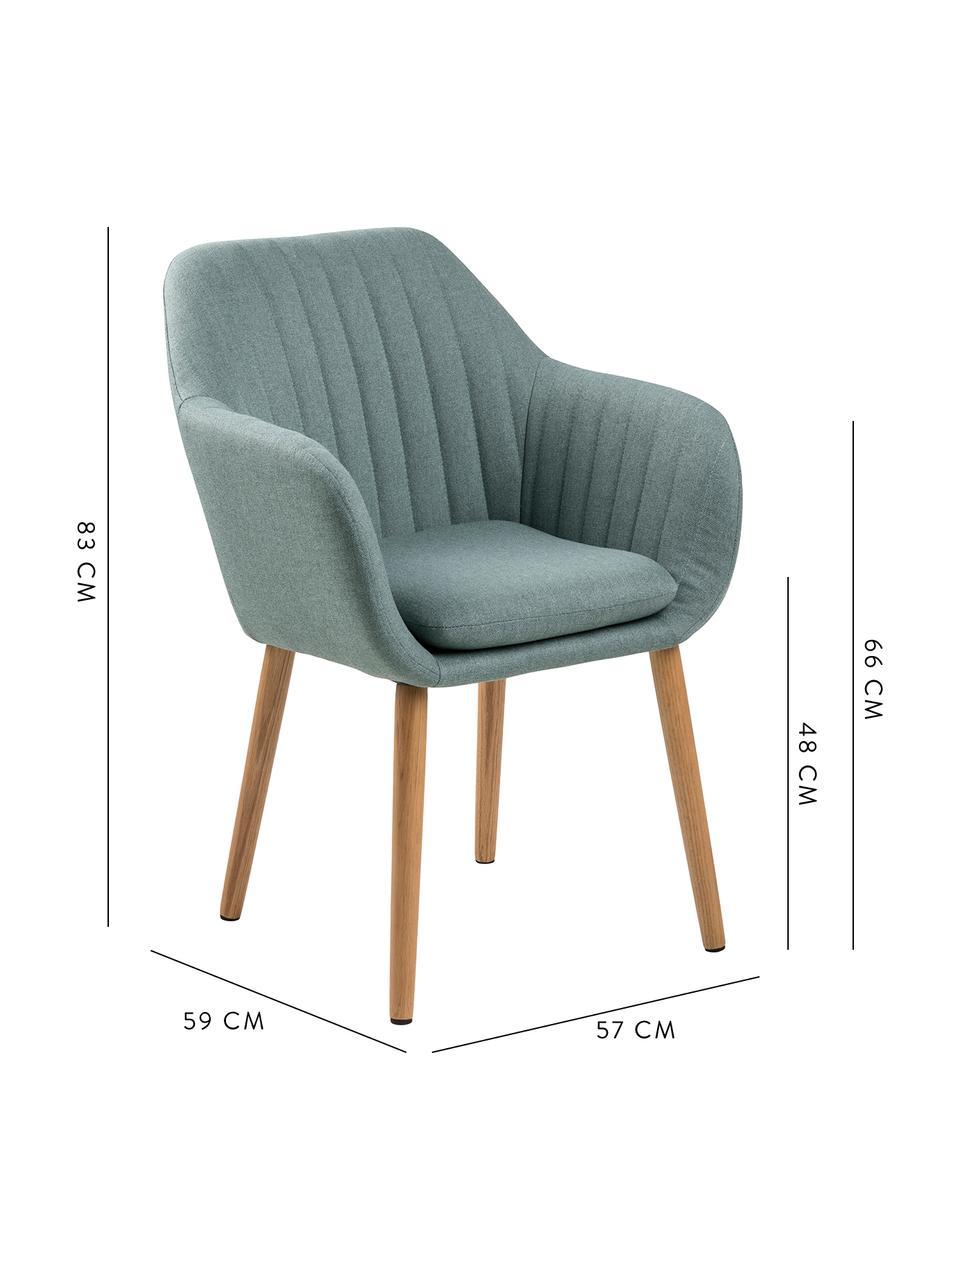 Krzesło z podłokietnikami z drewnianymi nogami Emilia, Tapicerka: aksamit poliestrowy Dzięk, Nogi: drewno dębowe, olejowane, Oliwkowy zielony, drewno dębowe, S 57 x G 59 cm